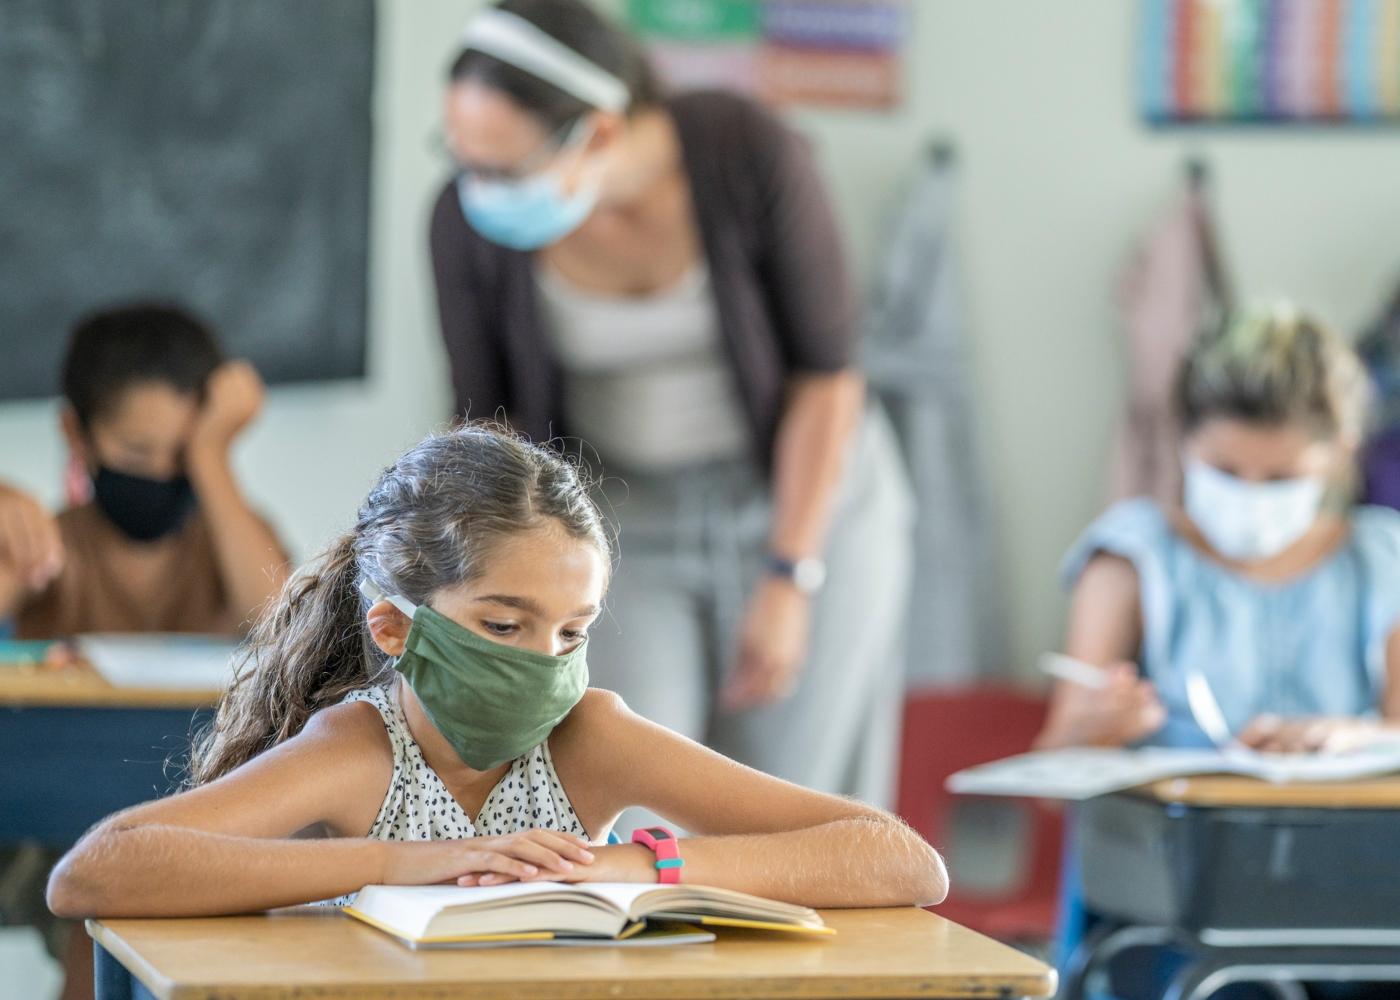 Crianças numa aula com máscaras